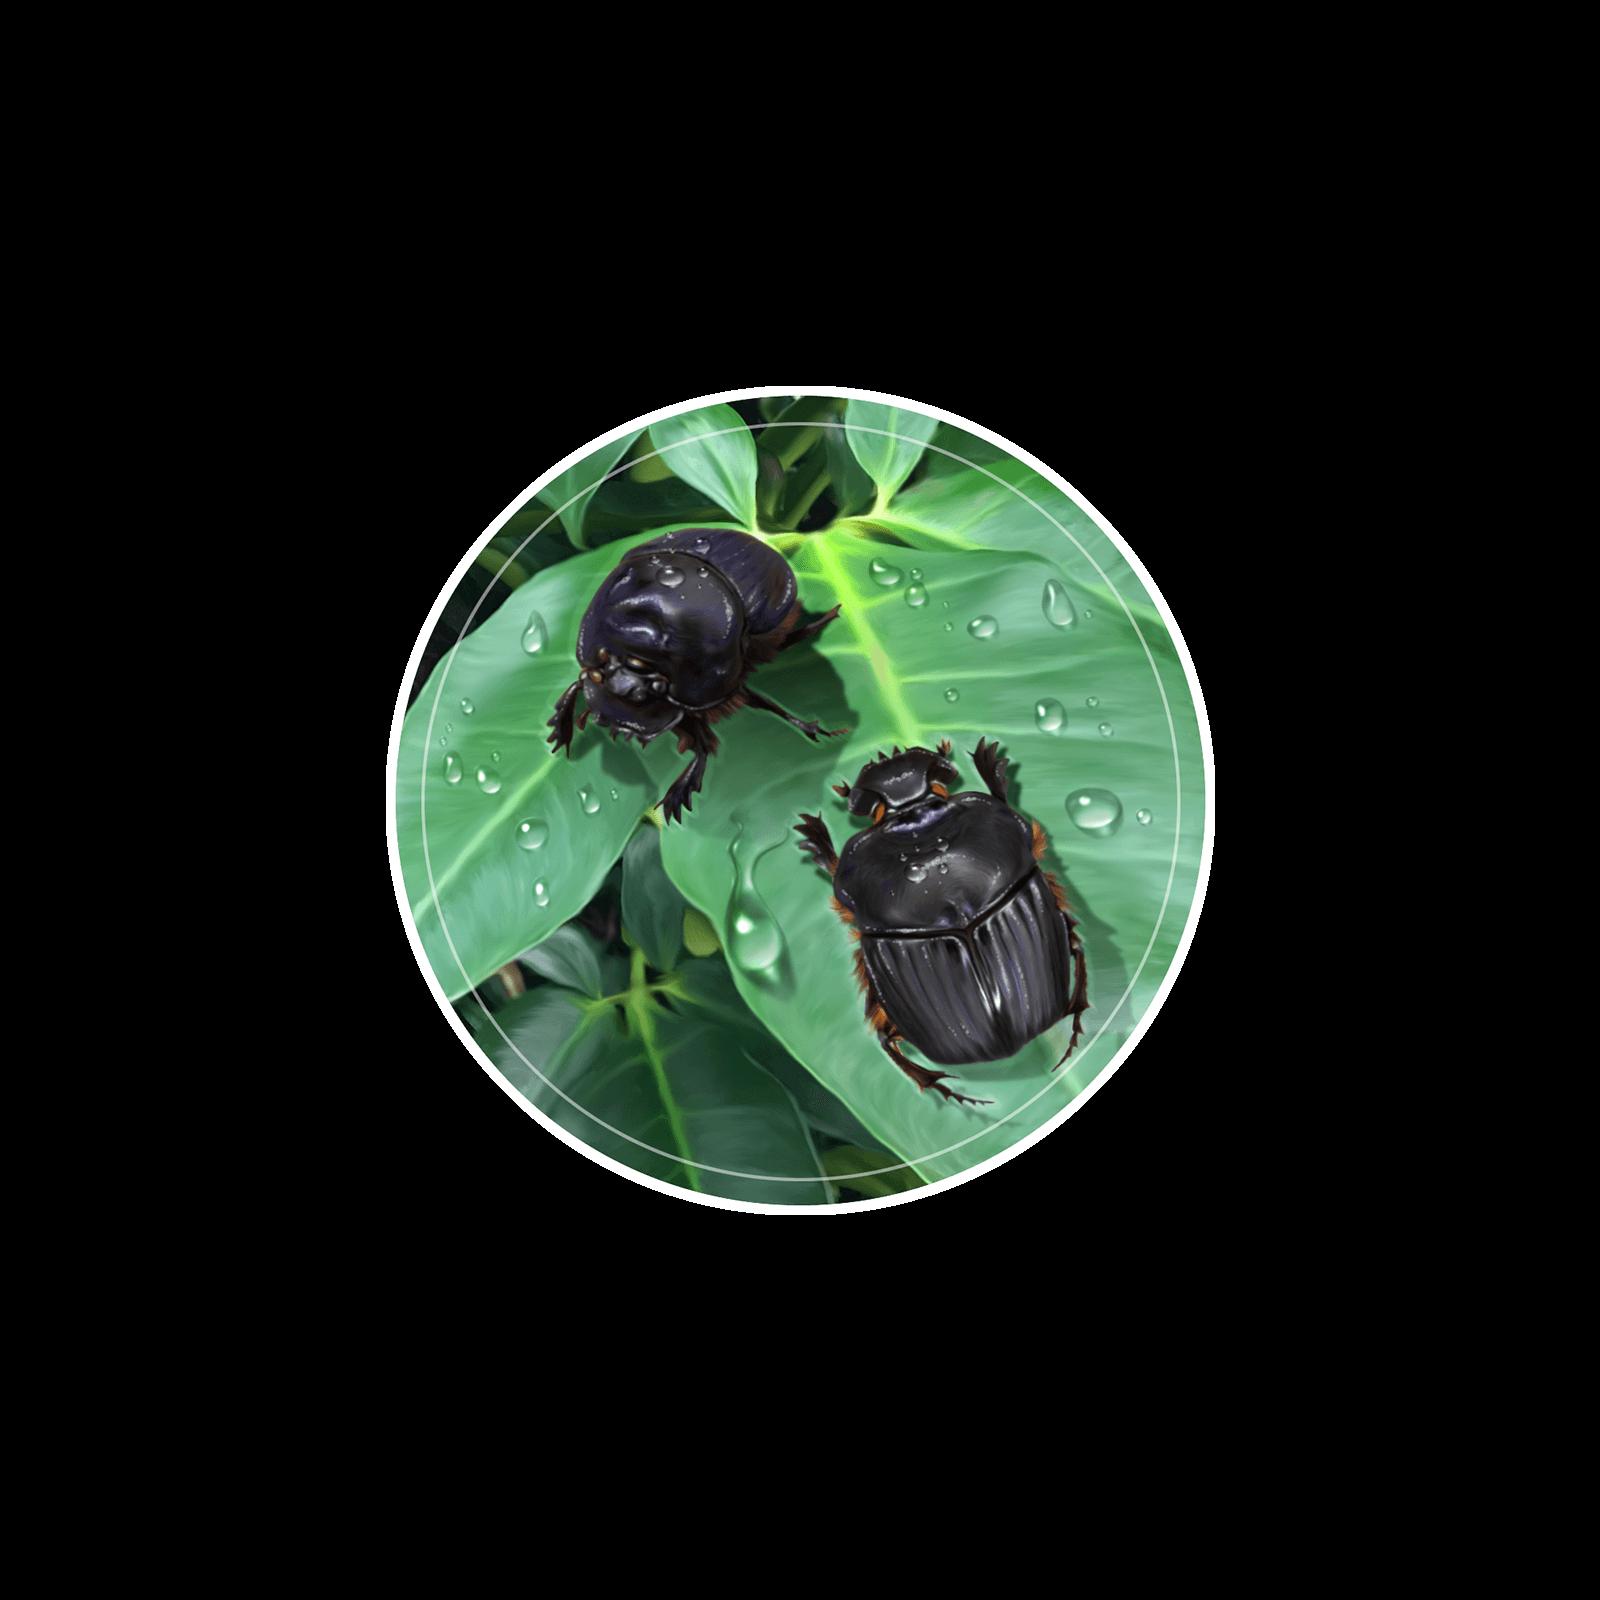 Ilustração de besouros escarabeídeos em folhas